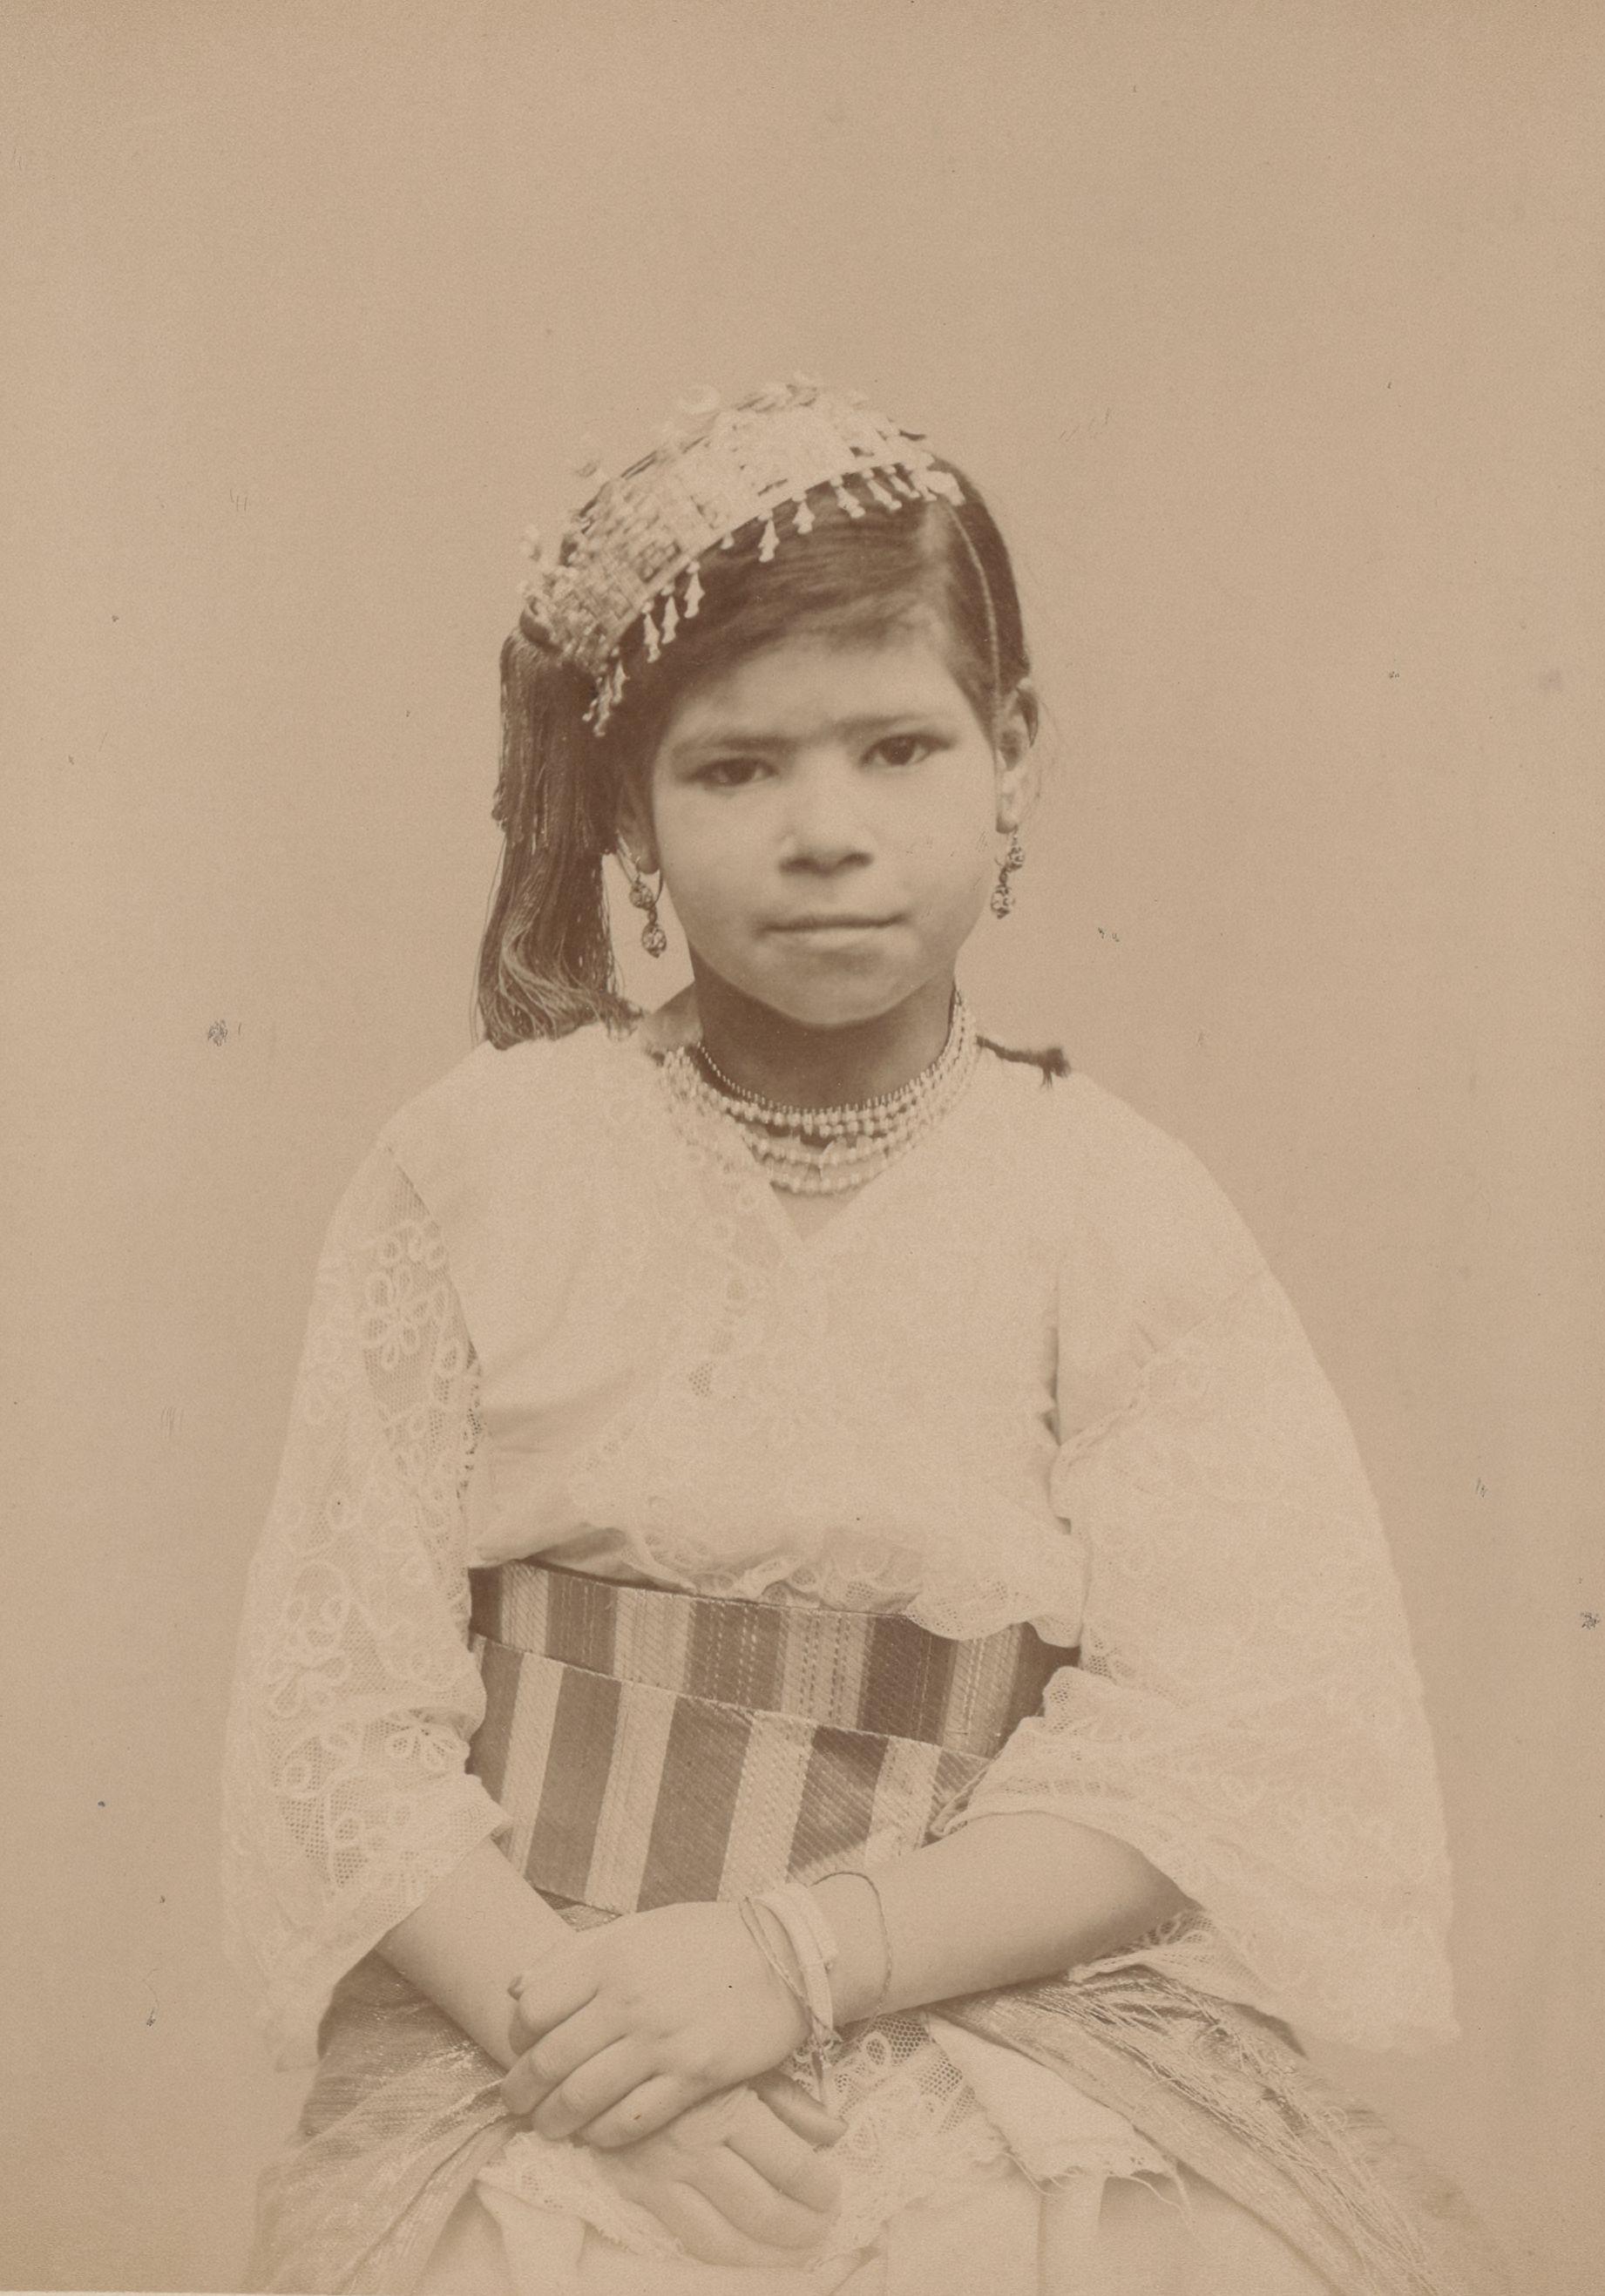 Фатима 9 лет, родилась в Блиде, Денсум (вид спереди)